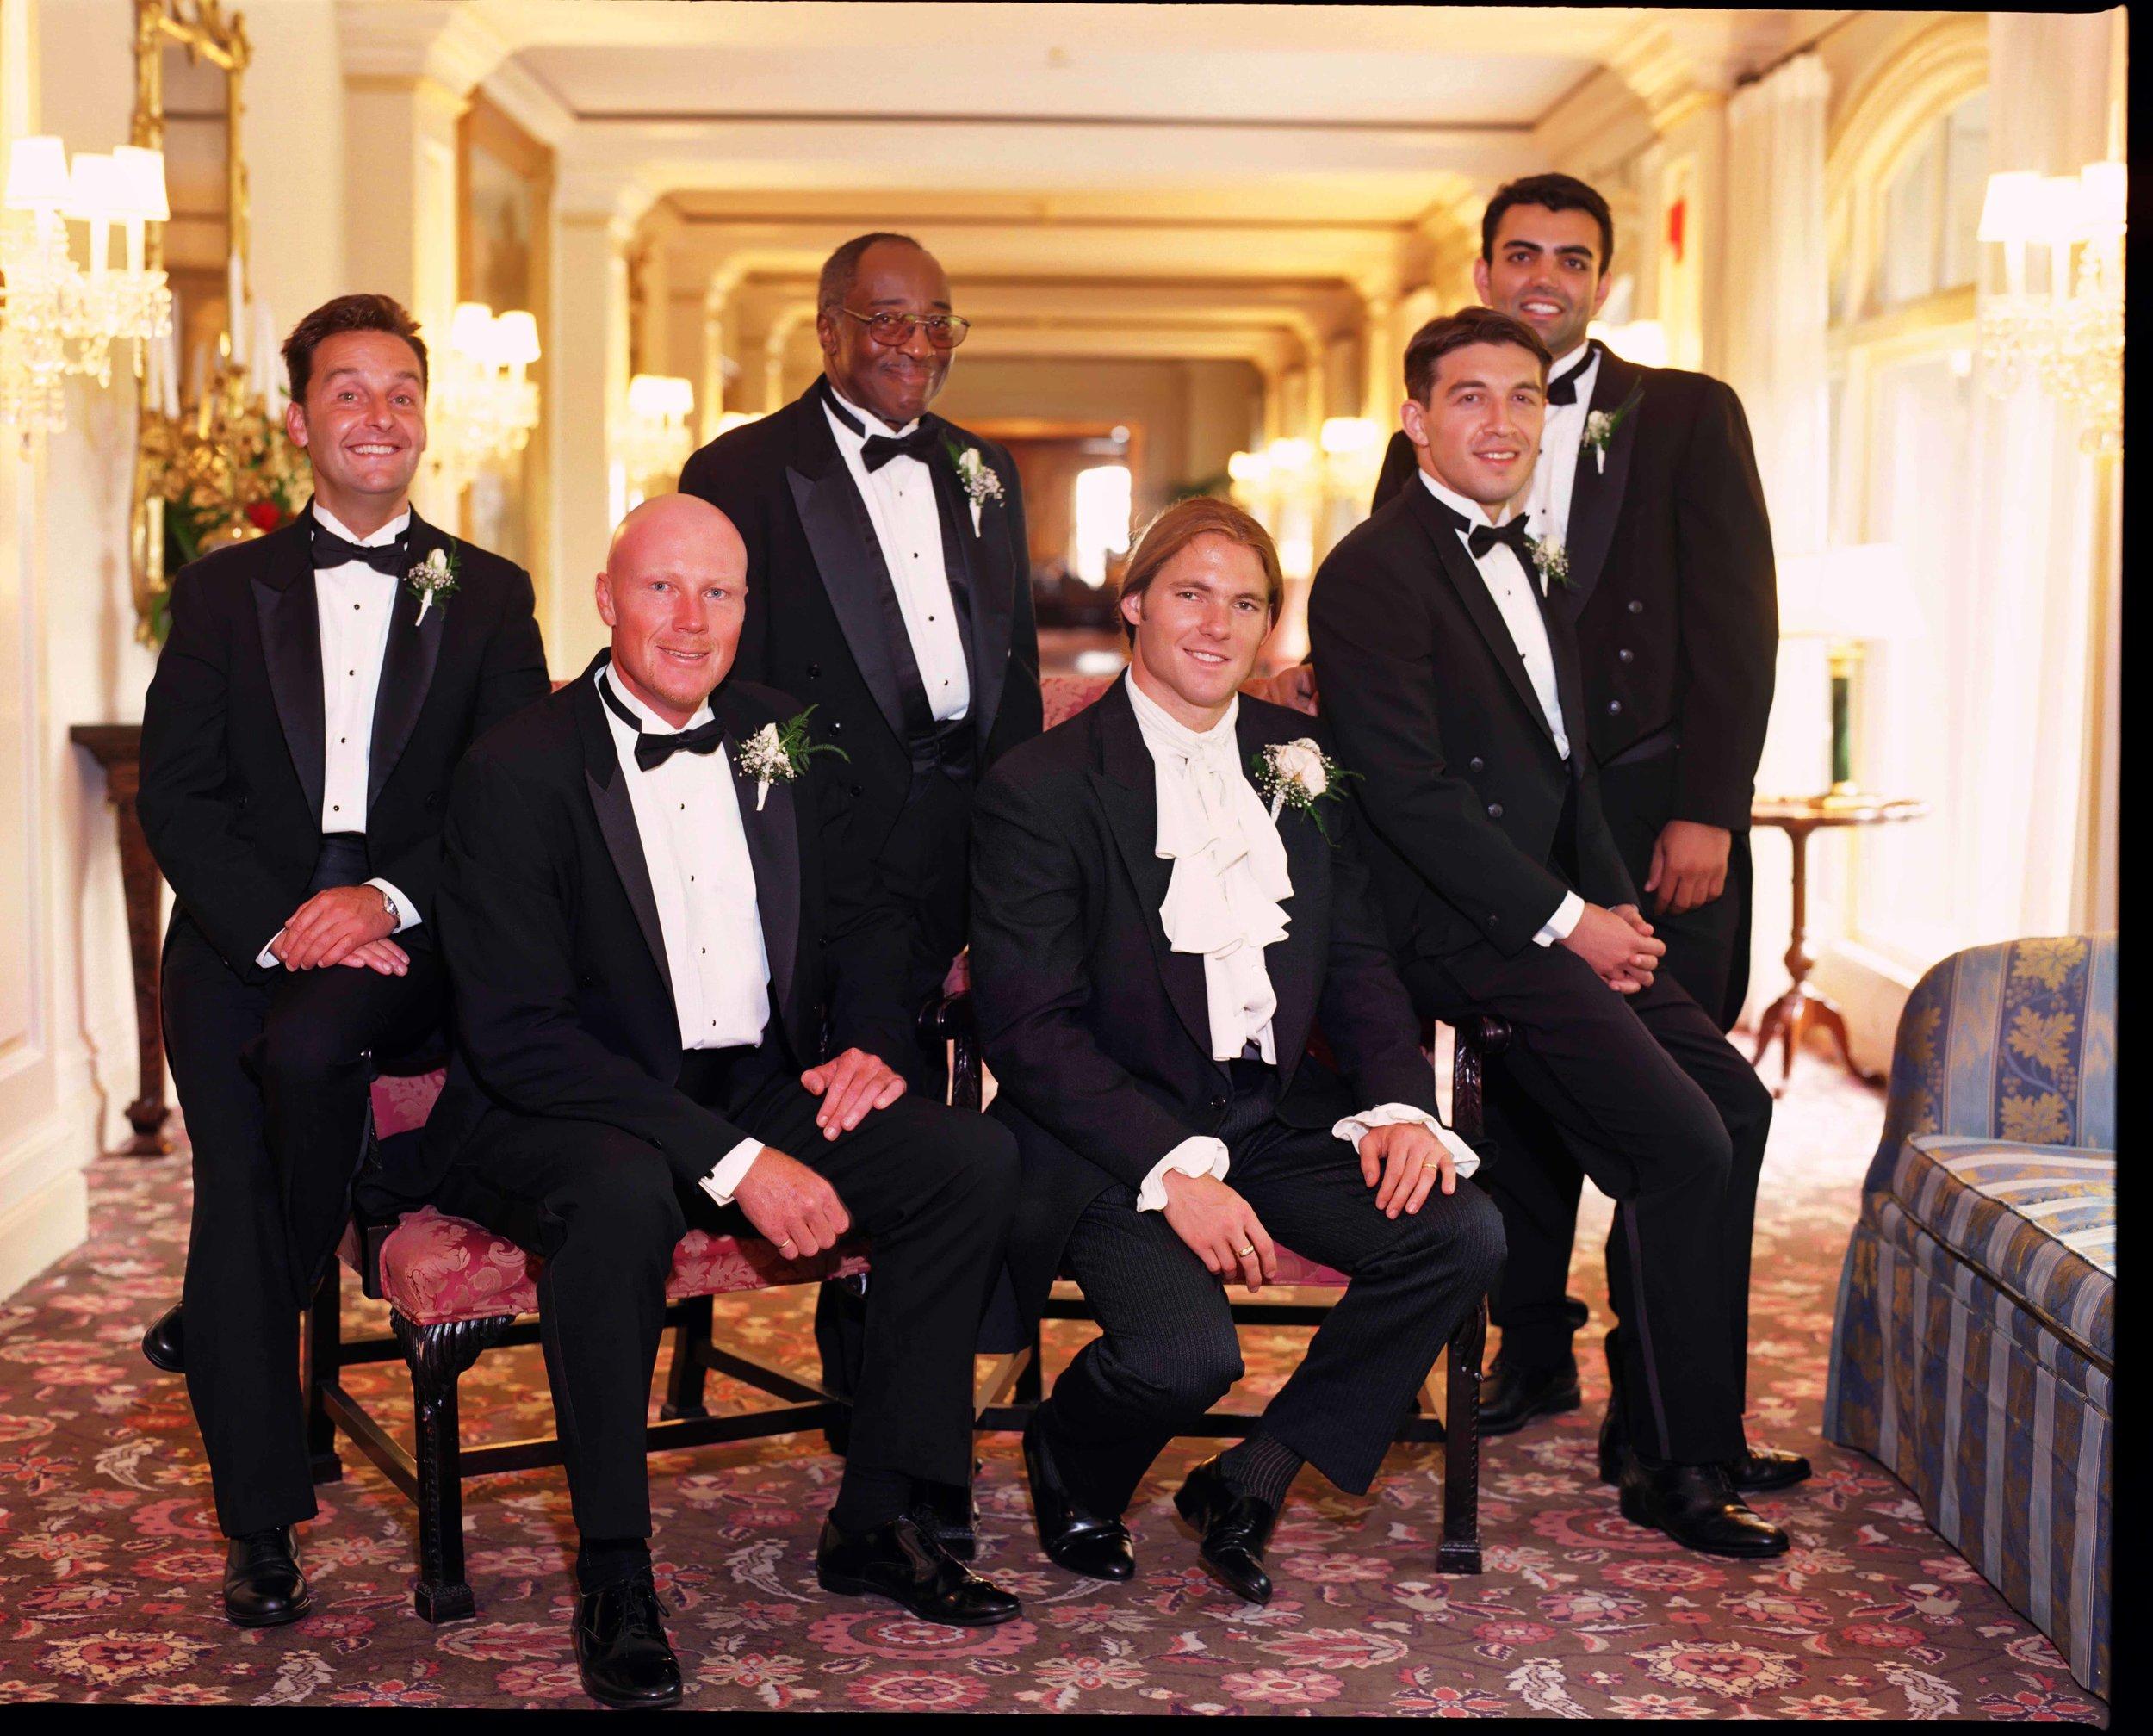 pasadena wedding photographer ritz carlton hotel